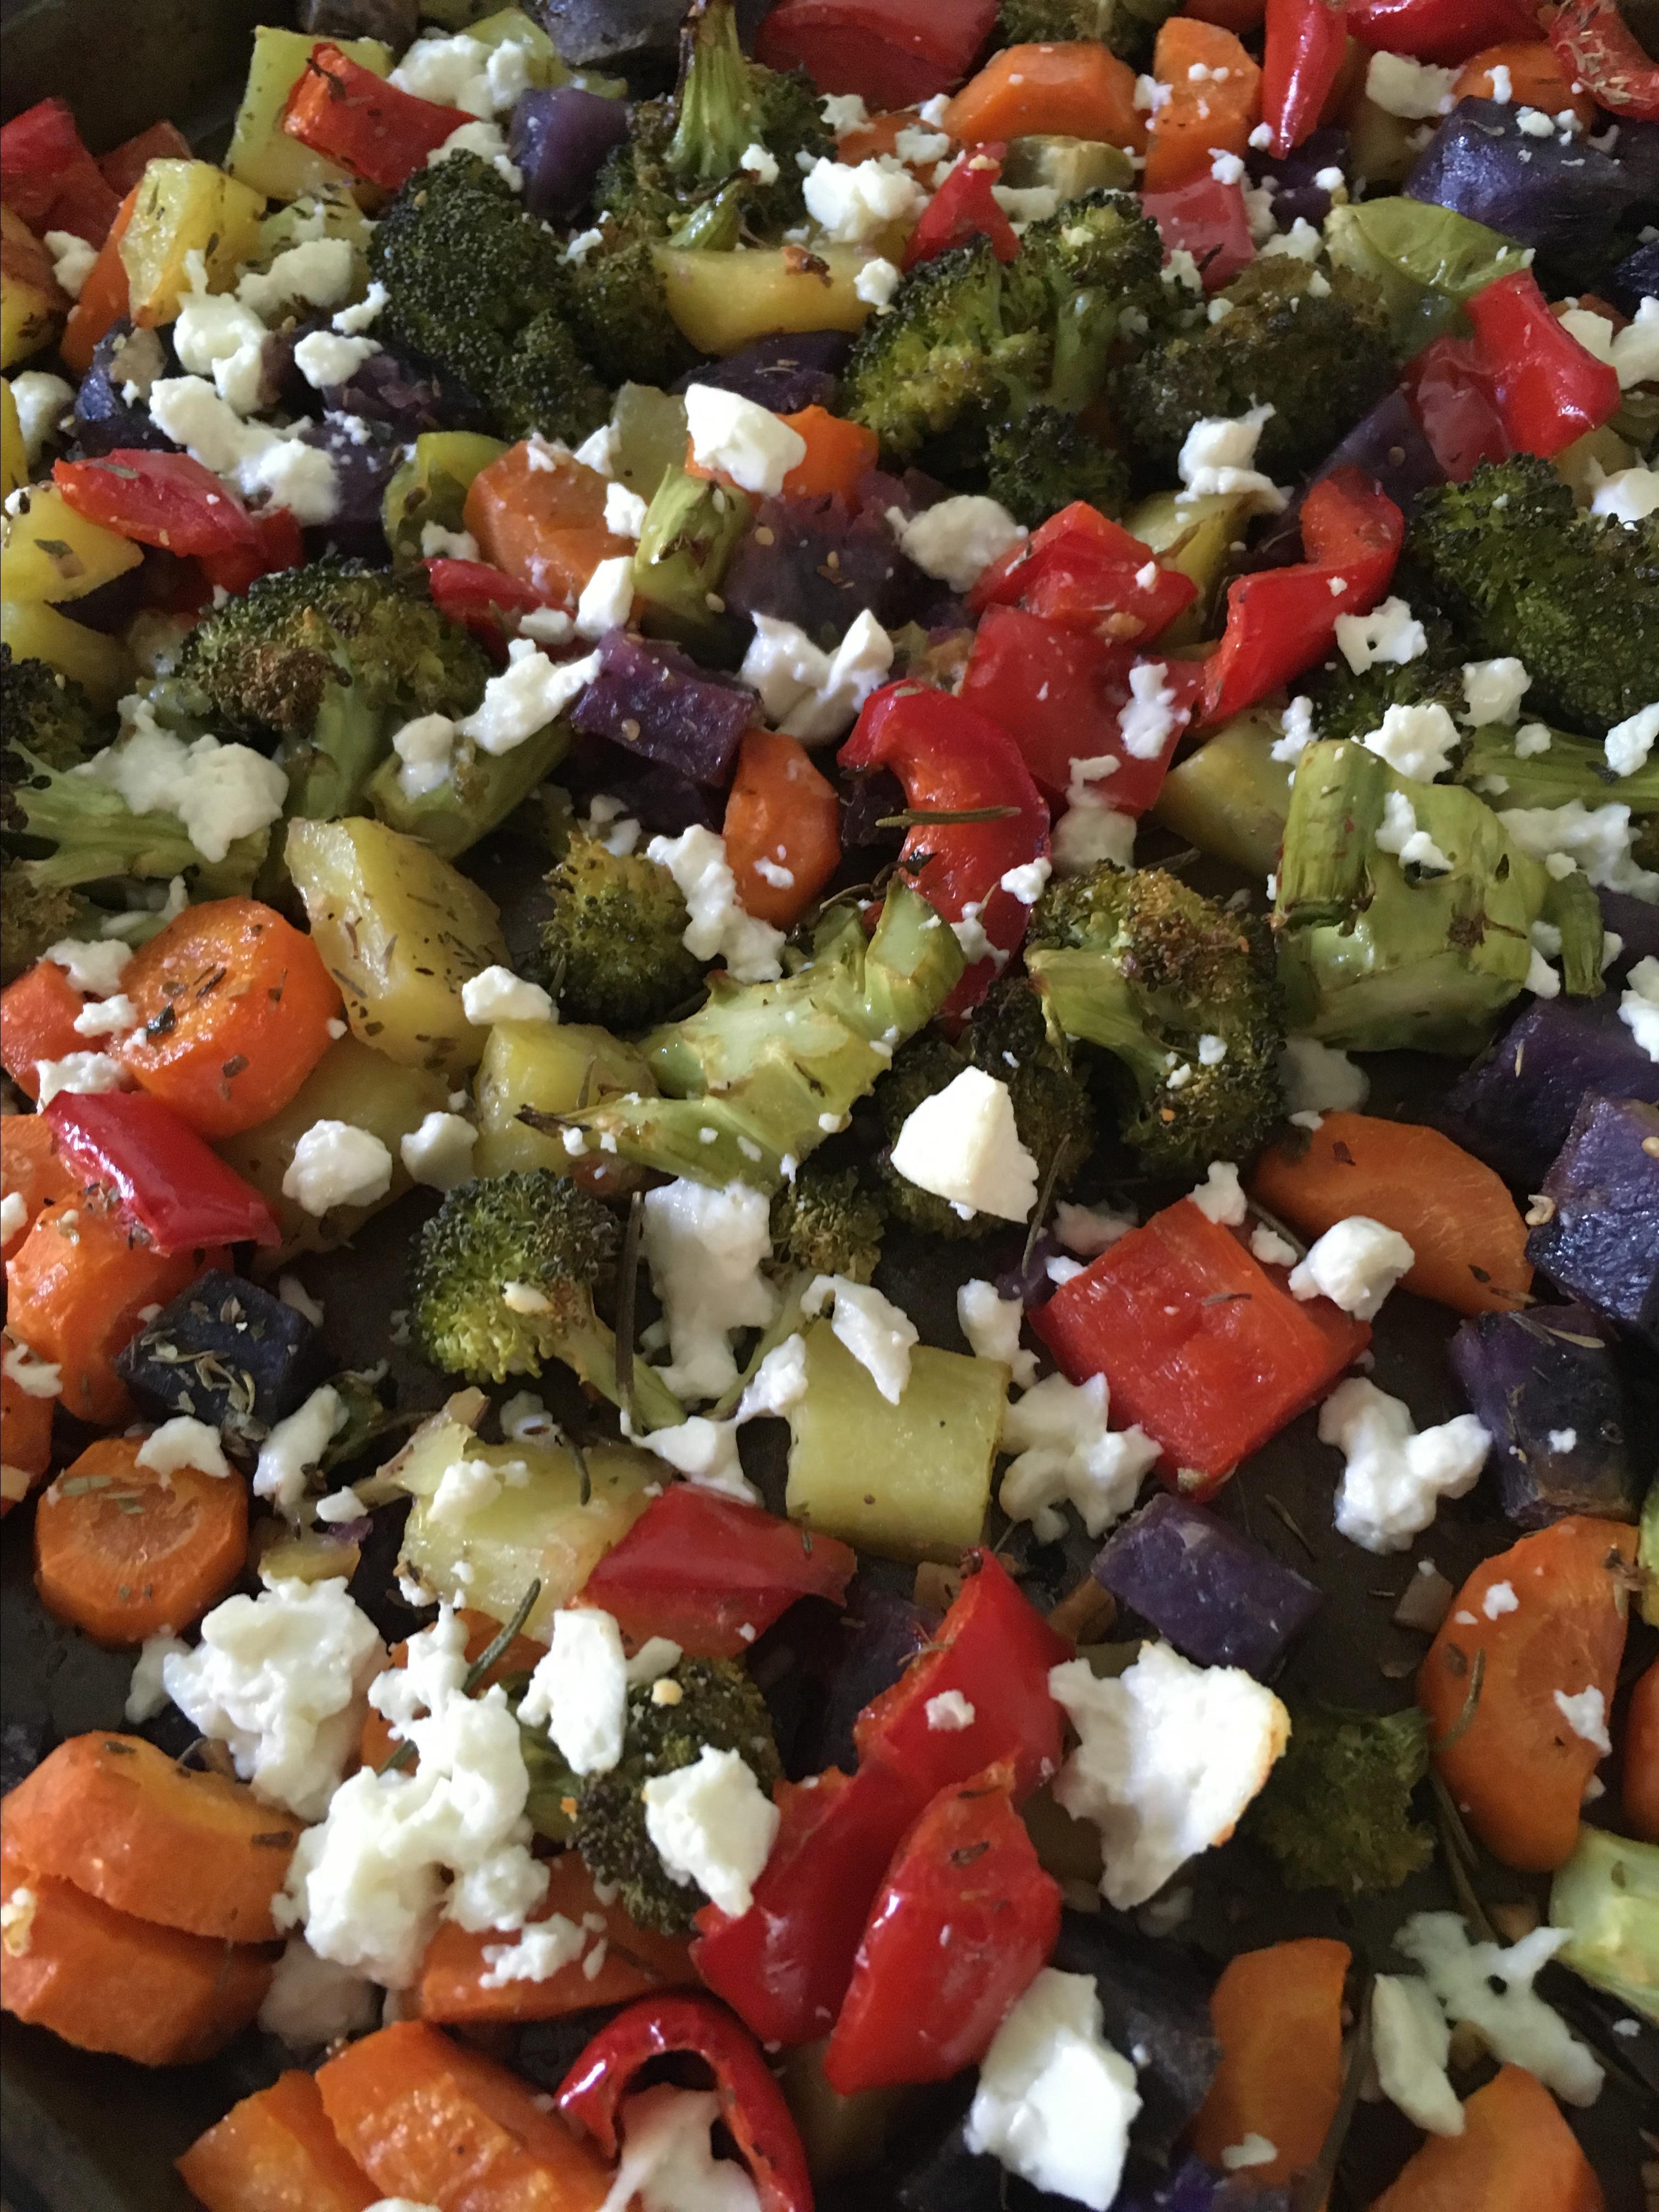 Sheet Pan Vegetable Dinner with Feta Lena